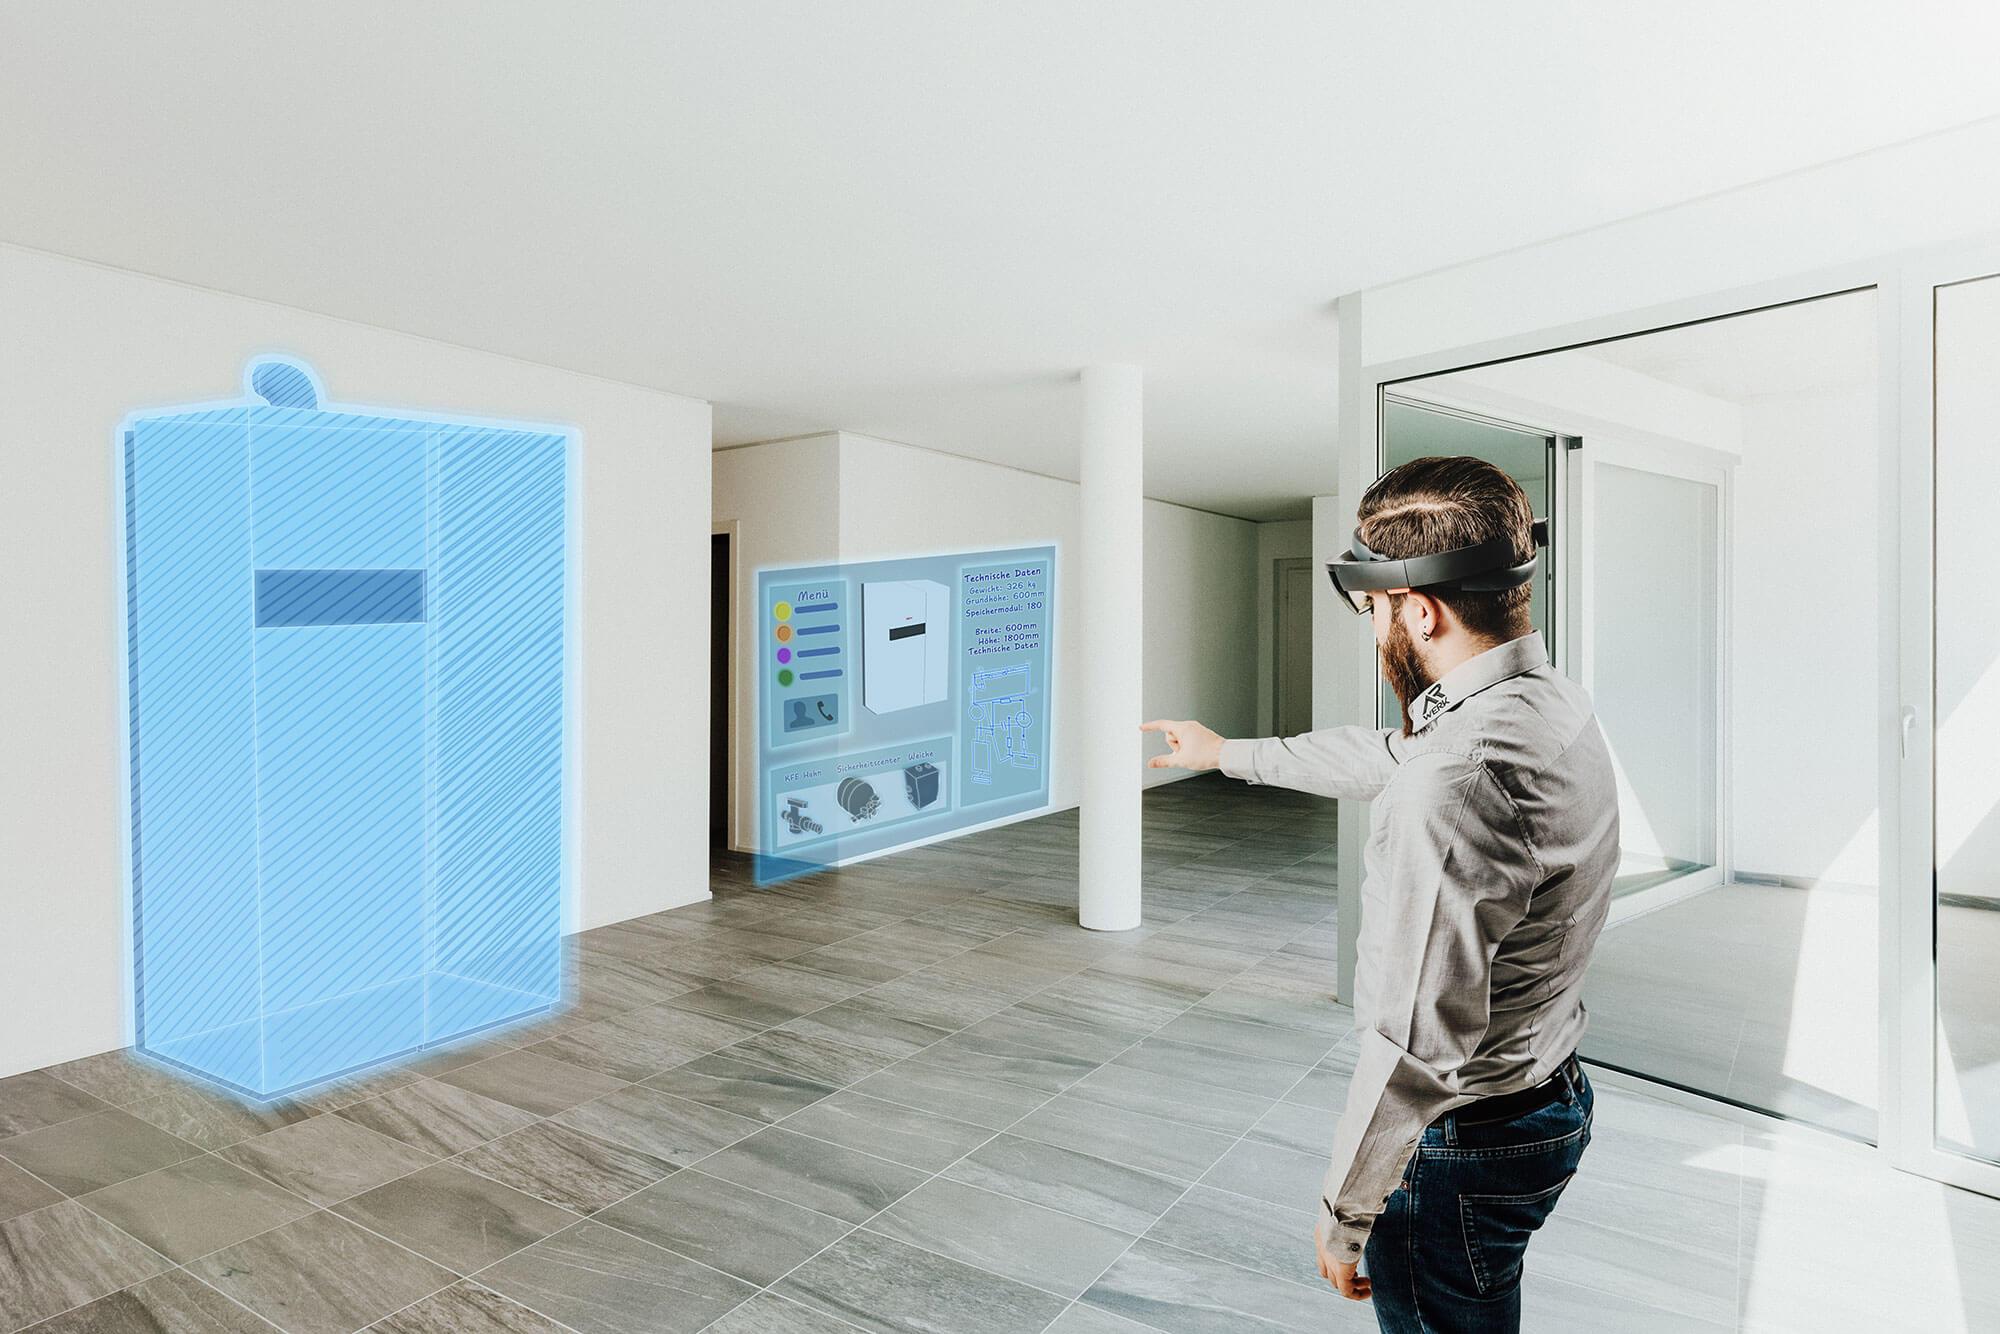 Projekterfasser Plant Heizsystem mit Hilfe einer Augmented Reality Brille